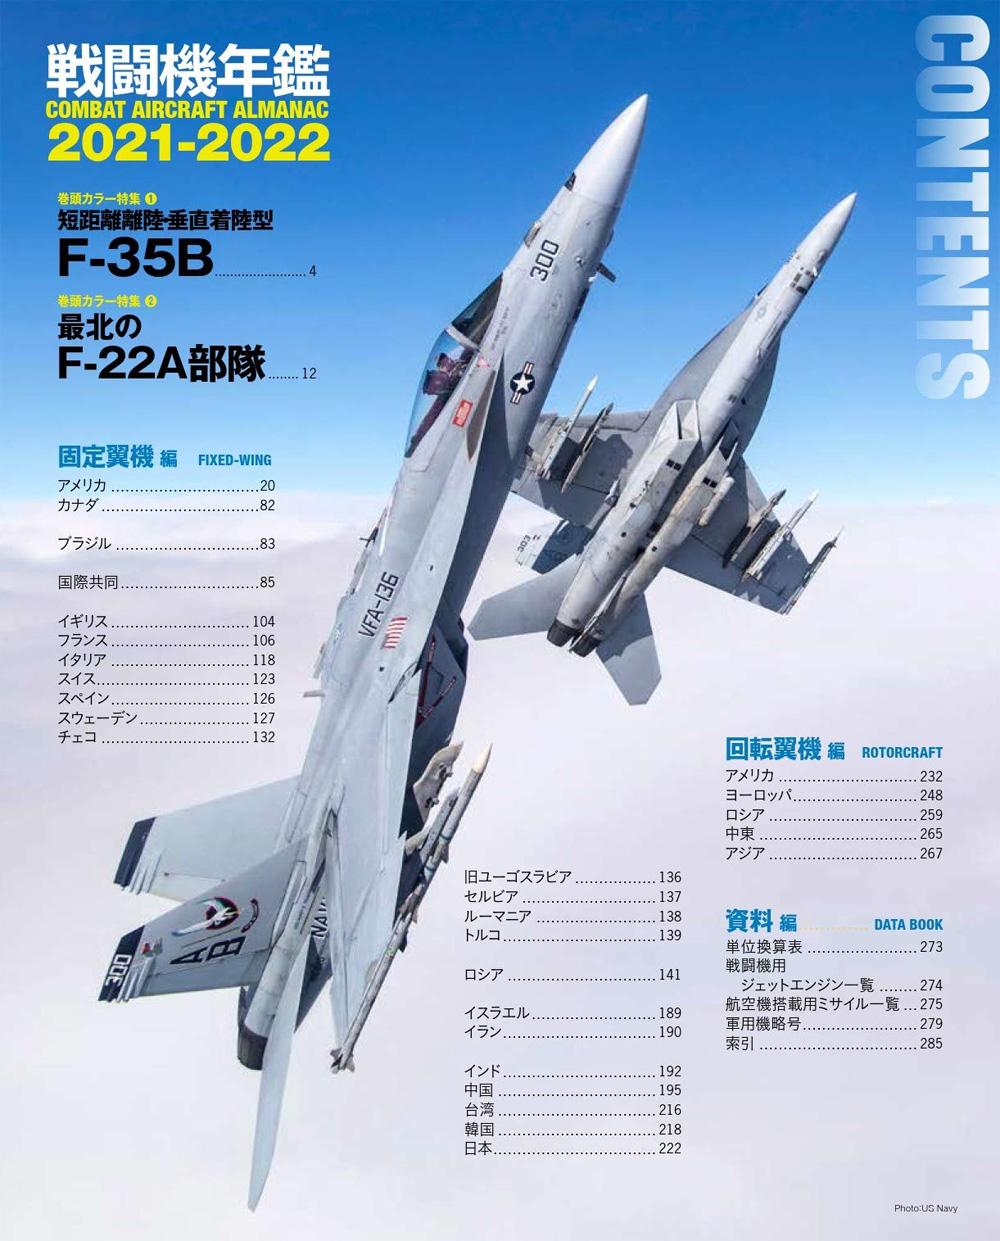 戦闘機年鑑 2021-2022本(イカロス出版イカロスムックNo.61857-85)商品画像_1